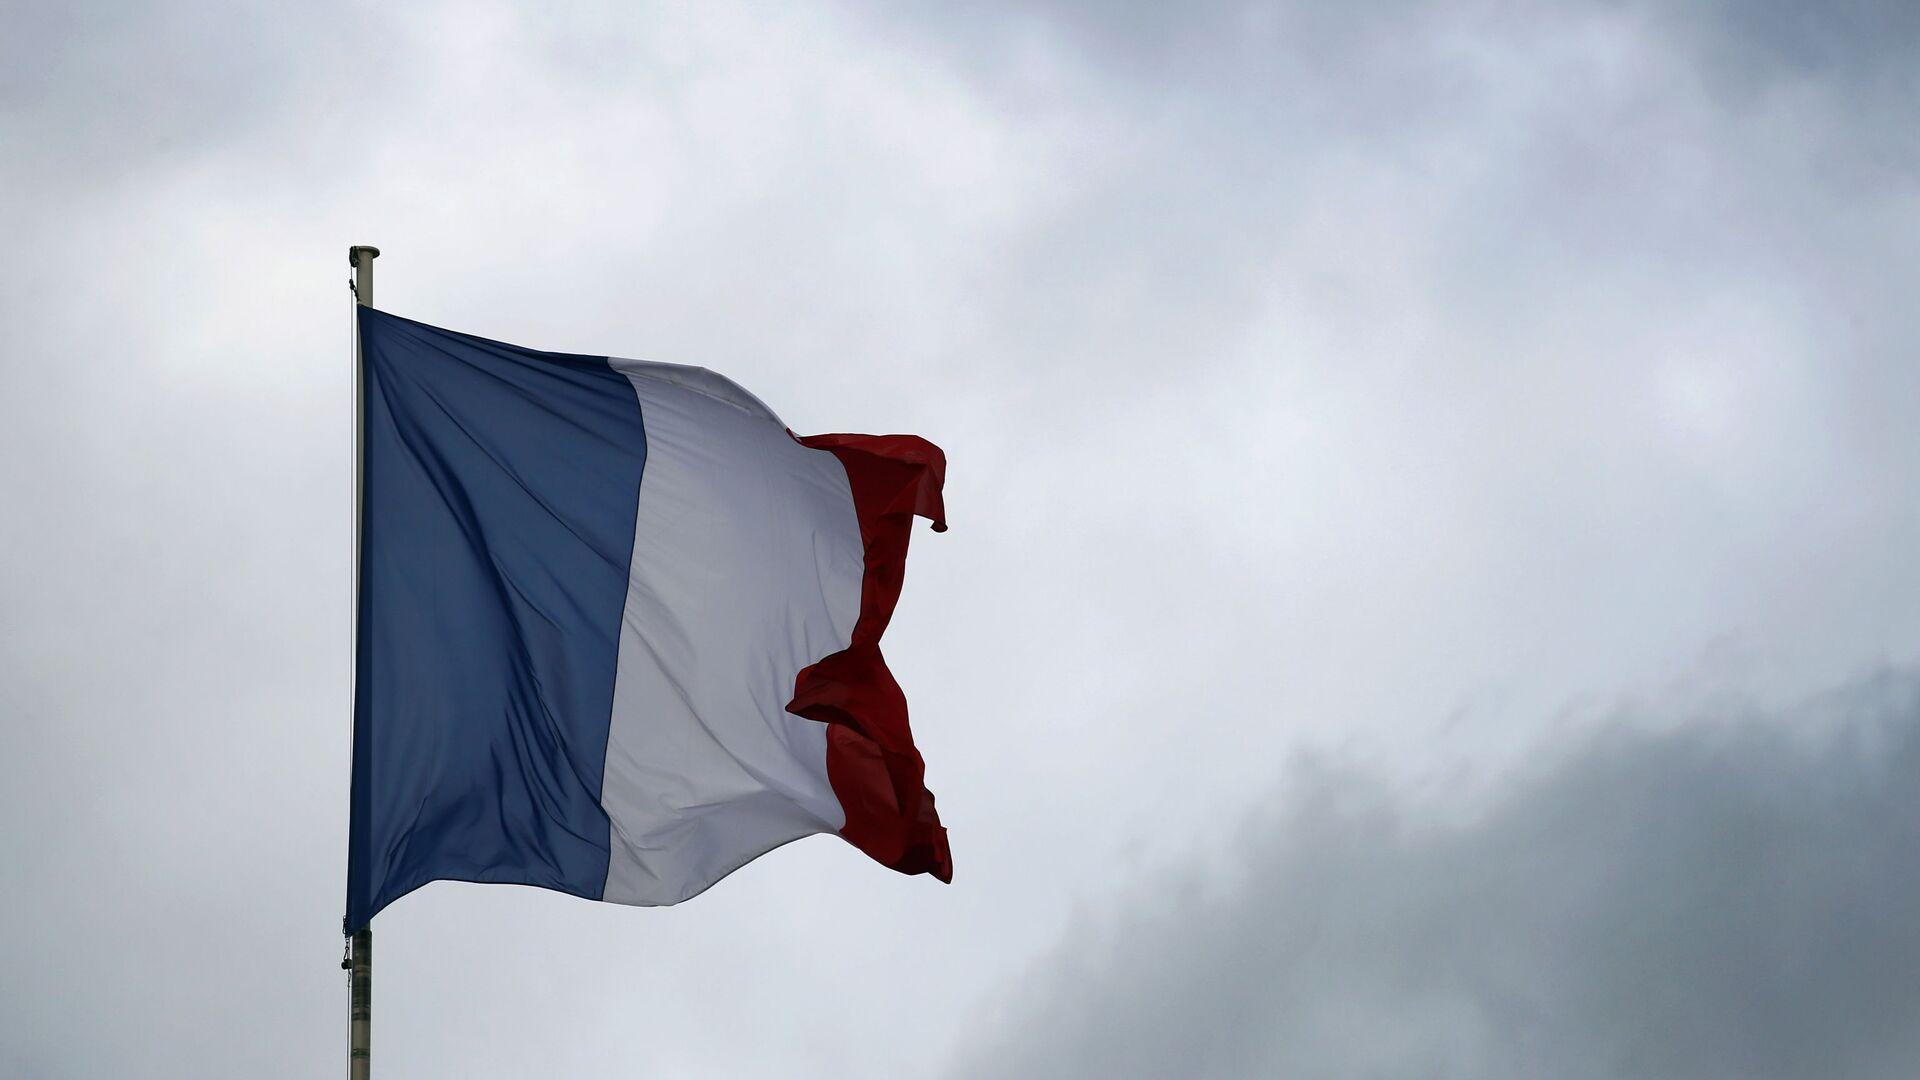 Η σημαία της Γαλλίας - Sputnik Ελλάδα, 1920, 07.10.2021